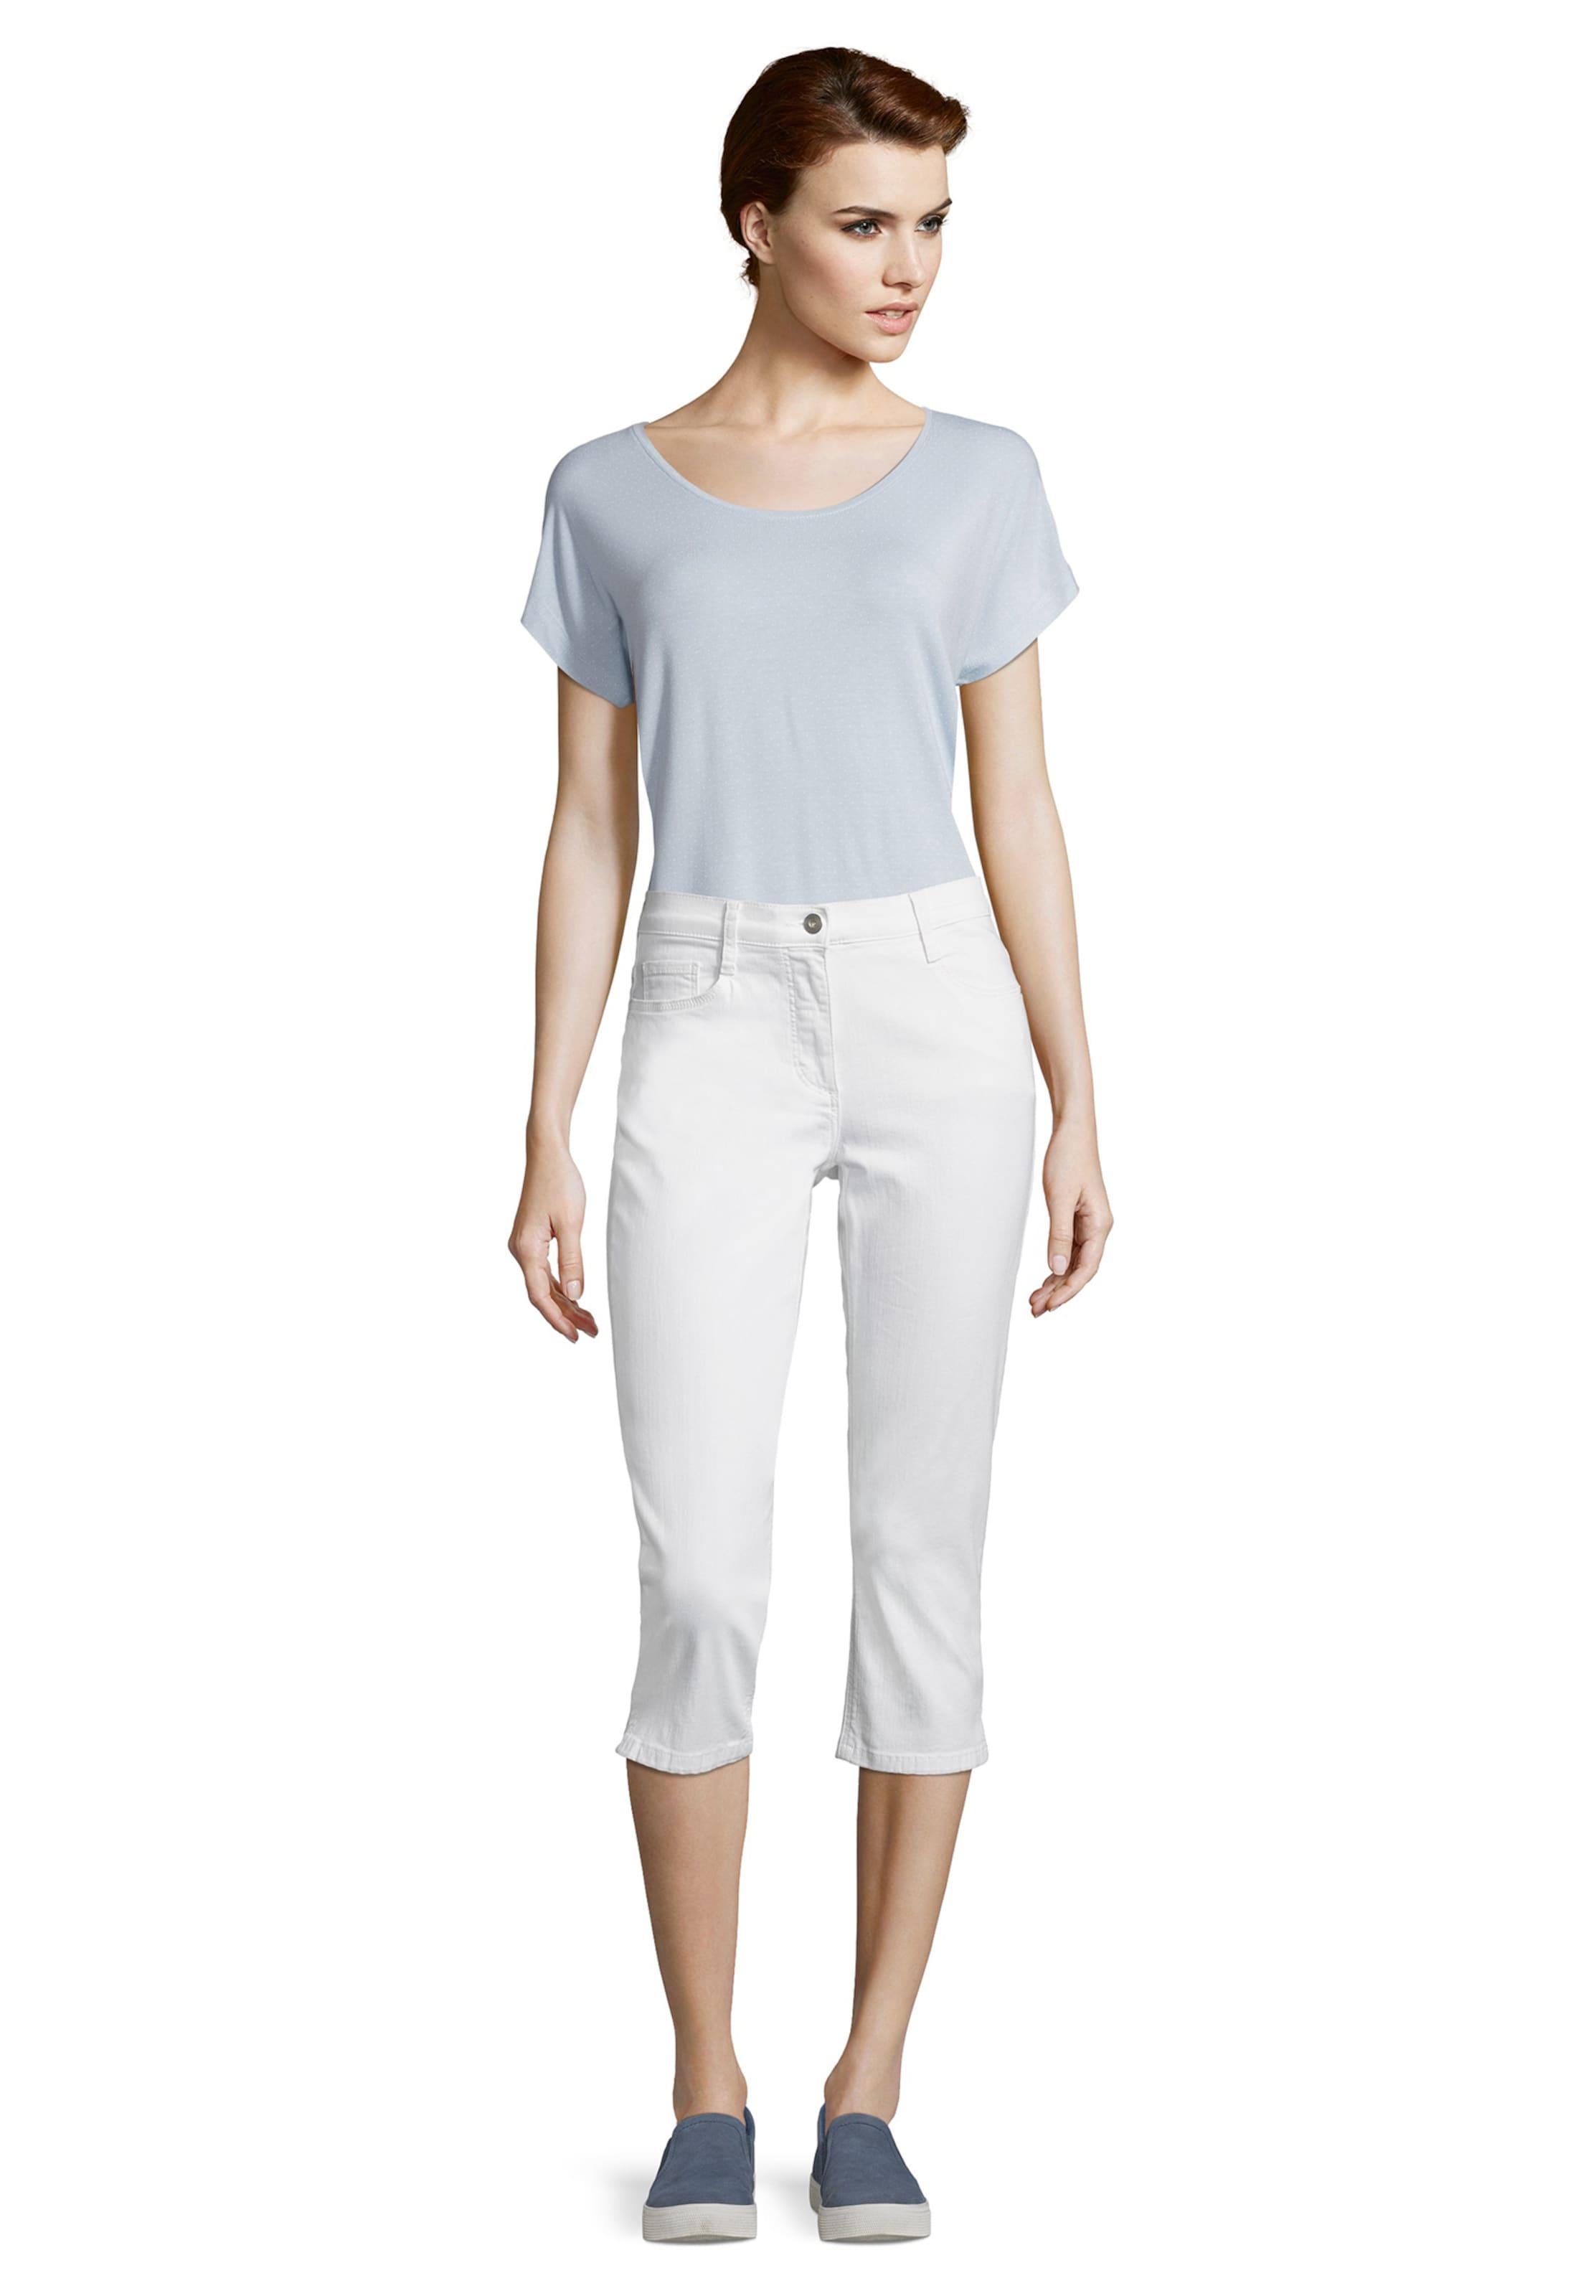 Betty In Jeans Denim Barclay White nP8w0Ok